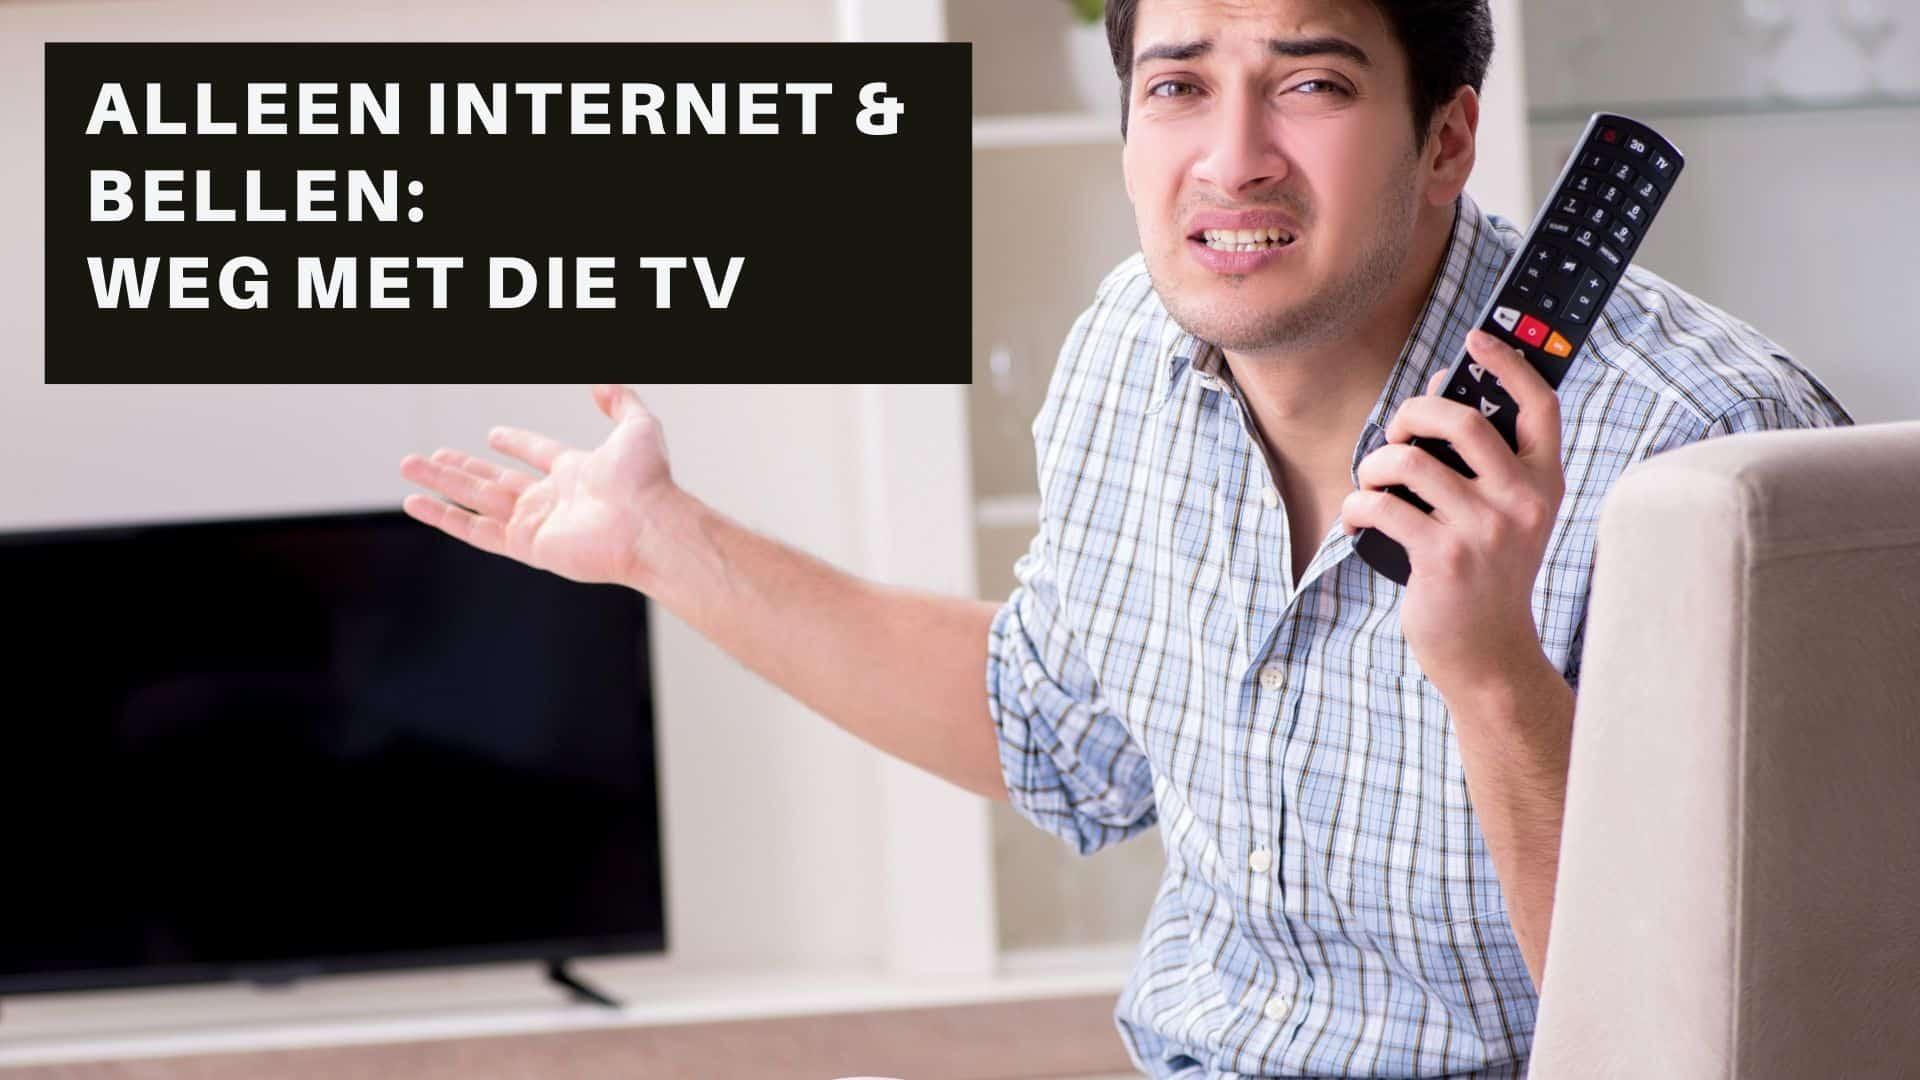 Alleen internet en bellen